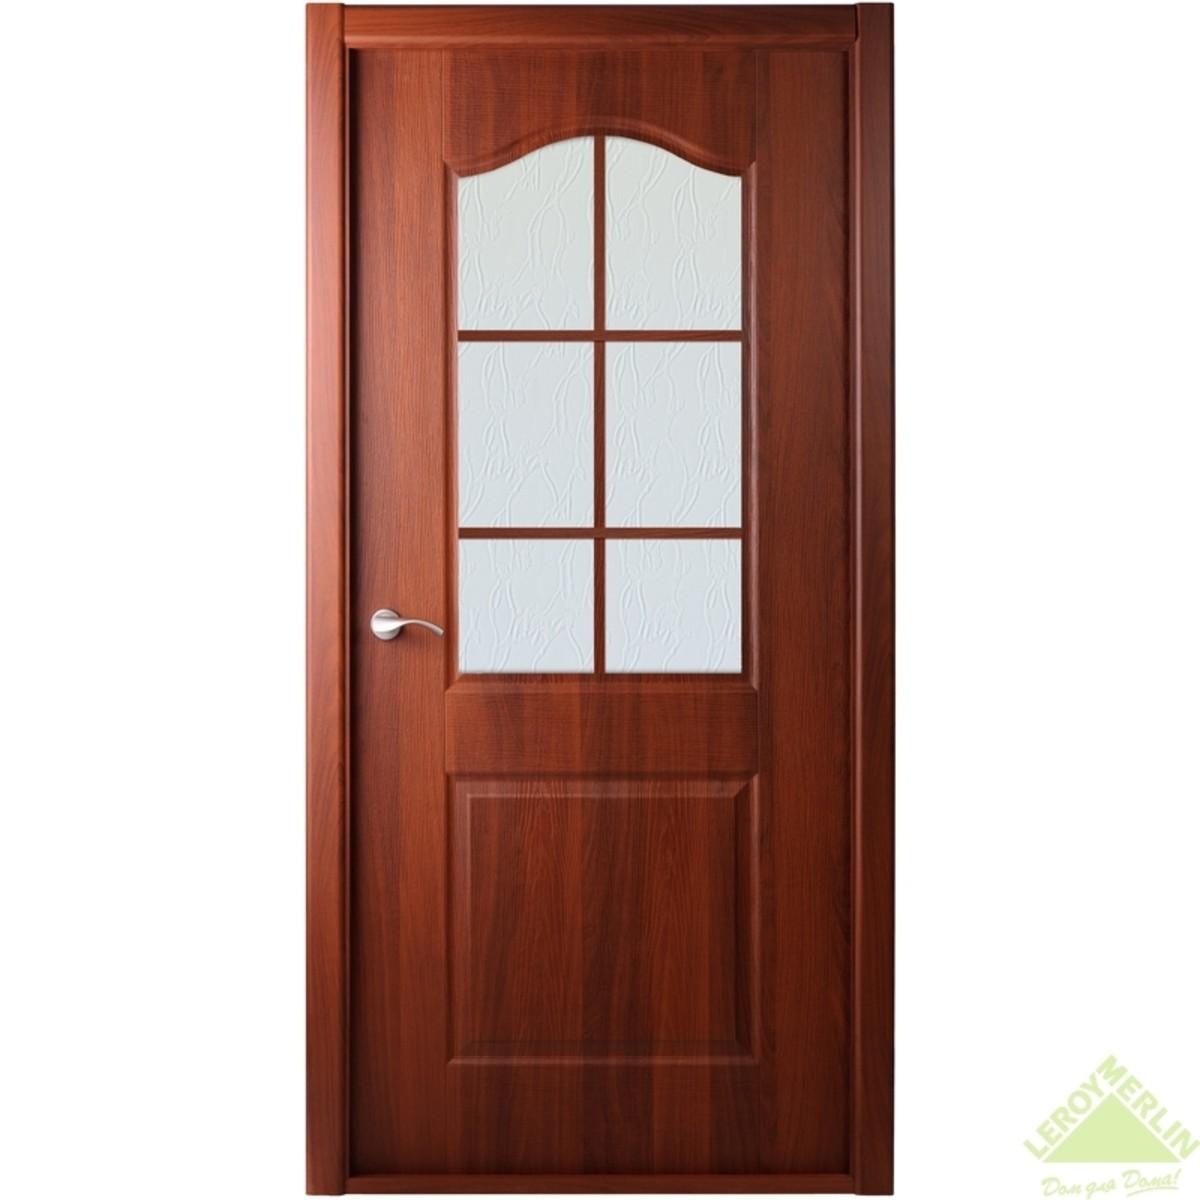 Дверь Межкомнатная Остеклённая Капричеза 600x2000 Итальянский Орех